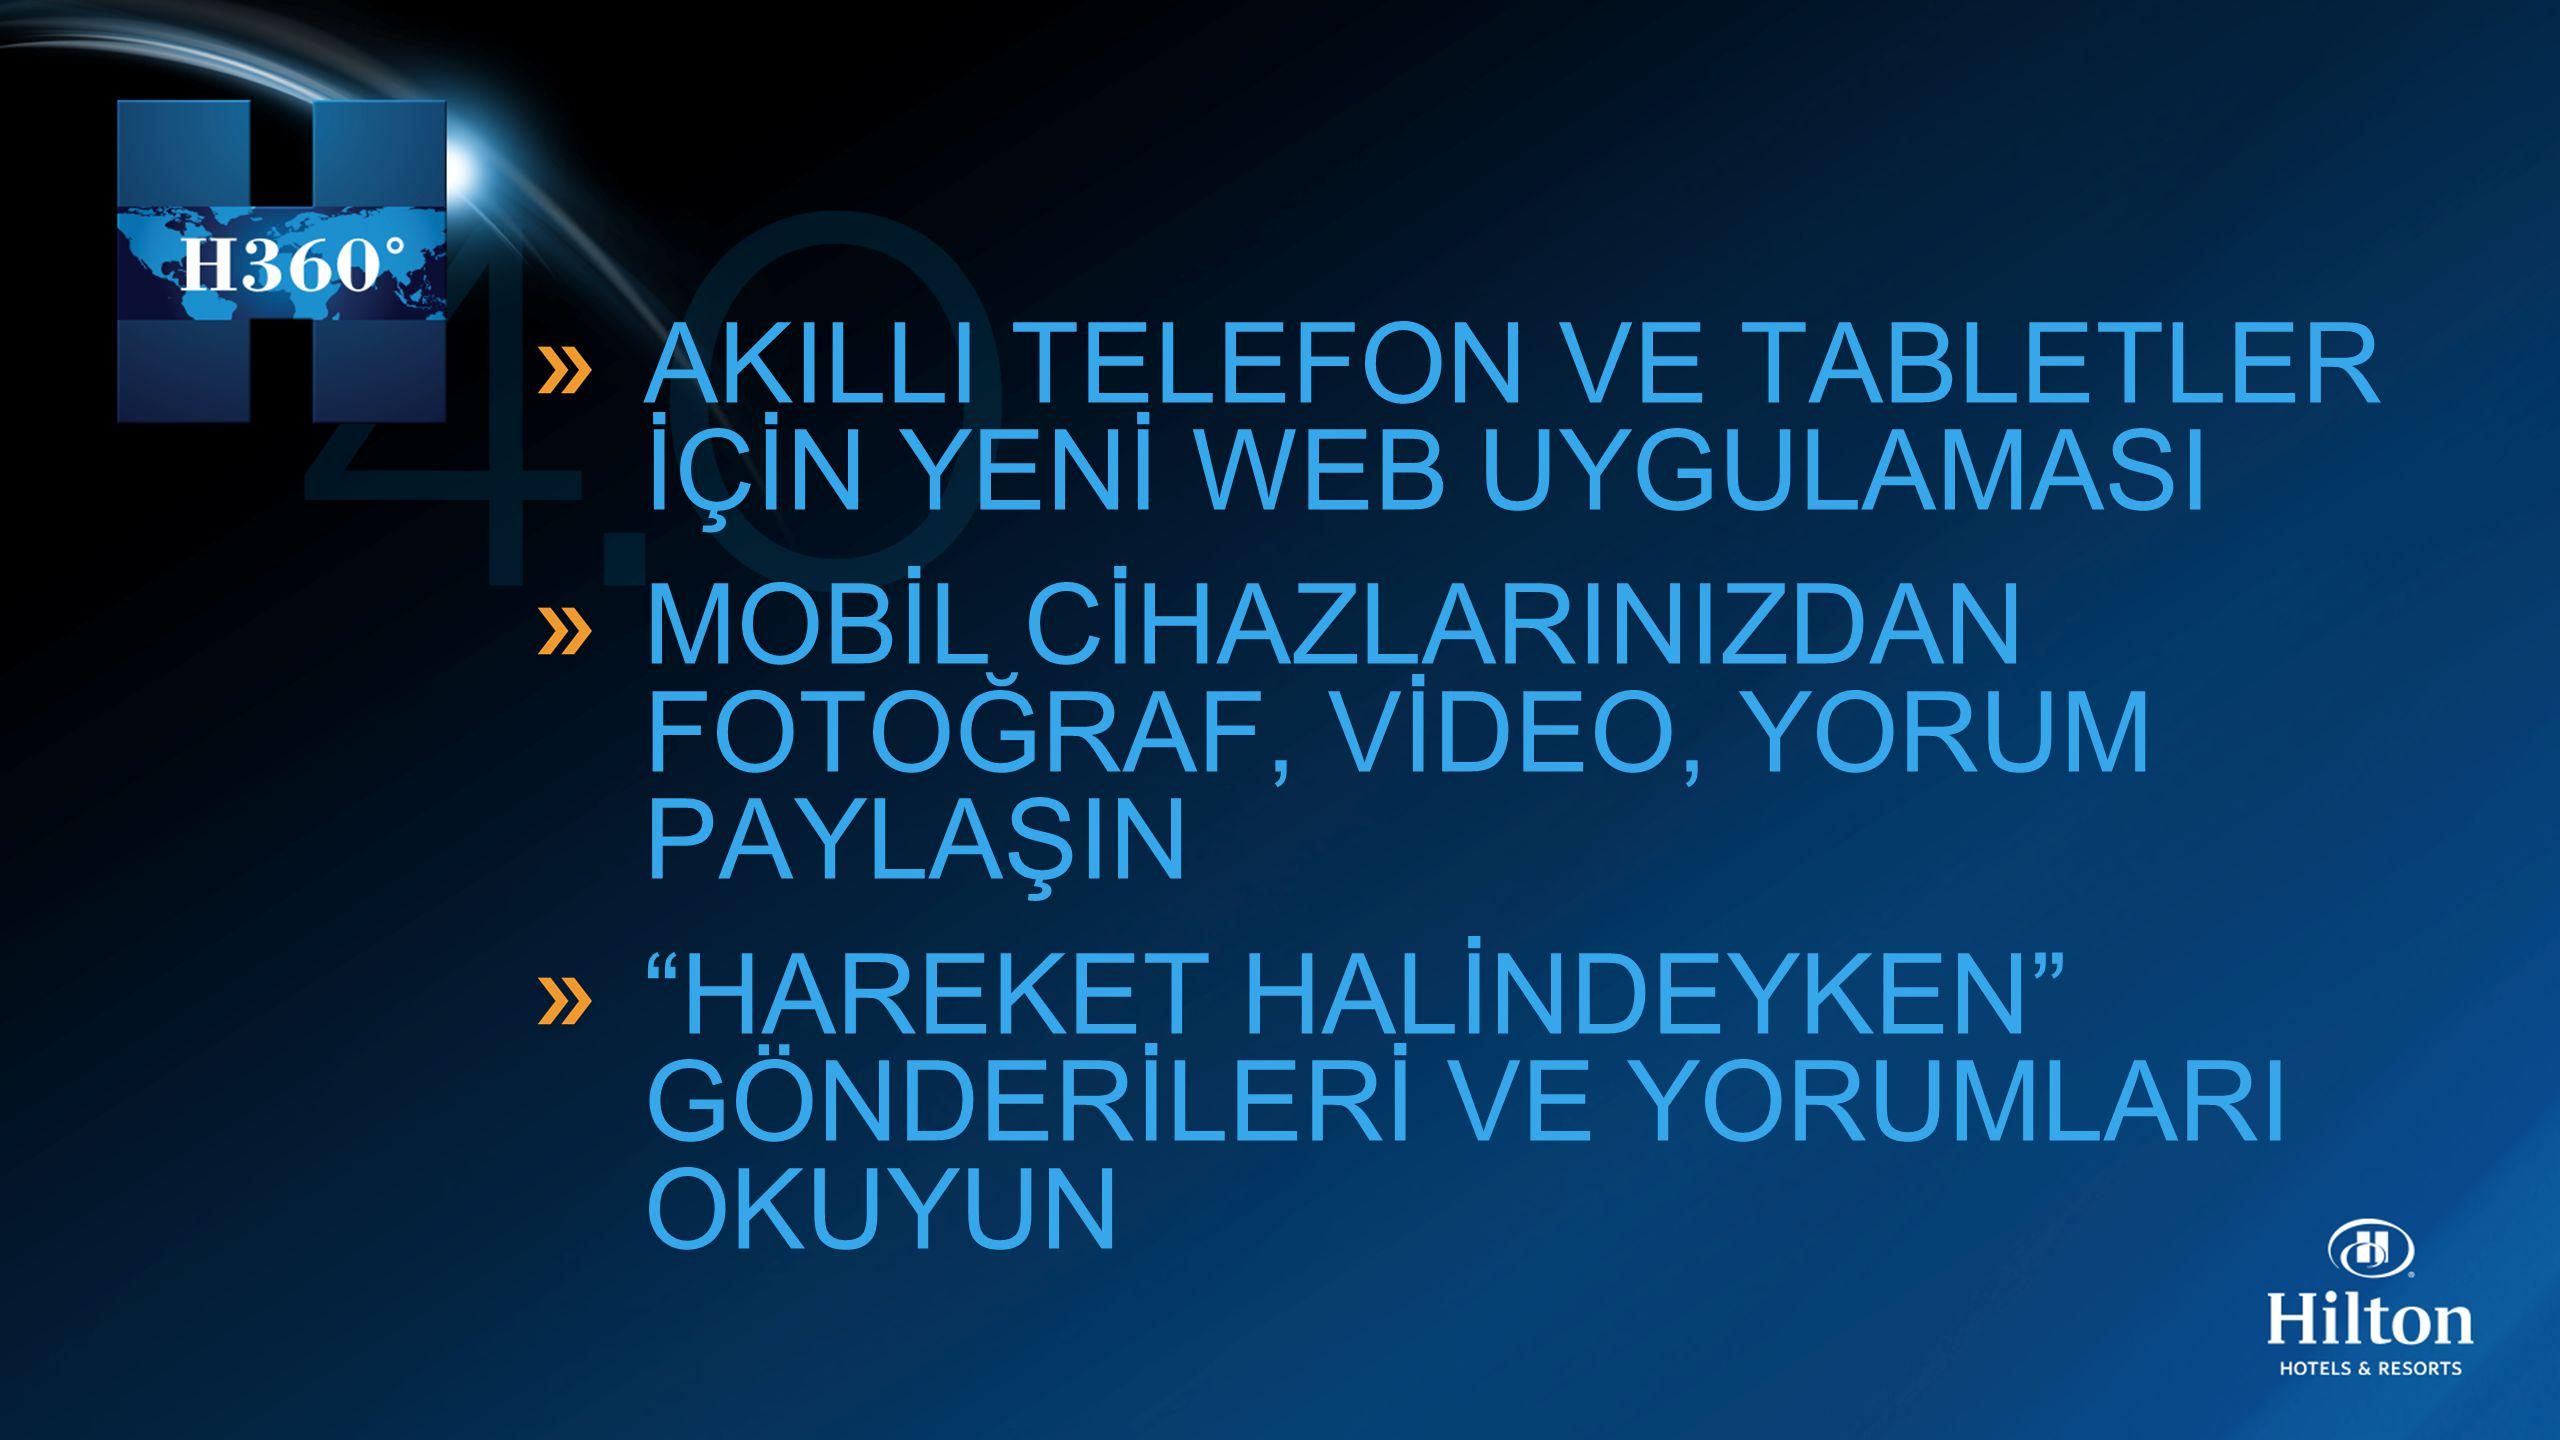 AKILLI TELEFON VE TABLETLER İÇİN YENİ WEB UYGULAMASI MOBİL CİHAZLARINIZDAN FOTOĞRAF, VİDEO, YORUM PAYLAŞIN HAREKET HALİNDEYKEN GÖNDERİLERİ VE YORUMLARI OKUYUN